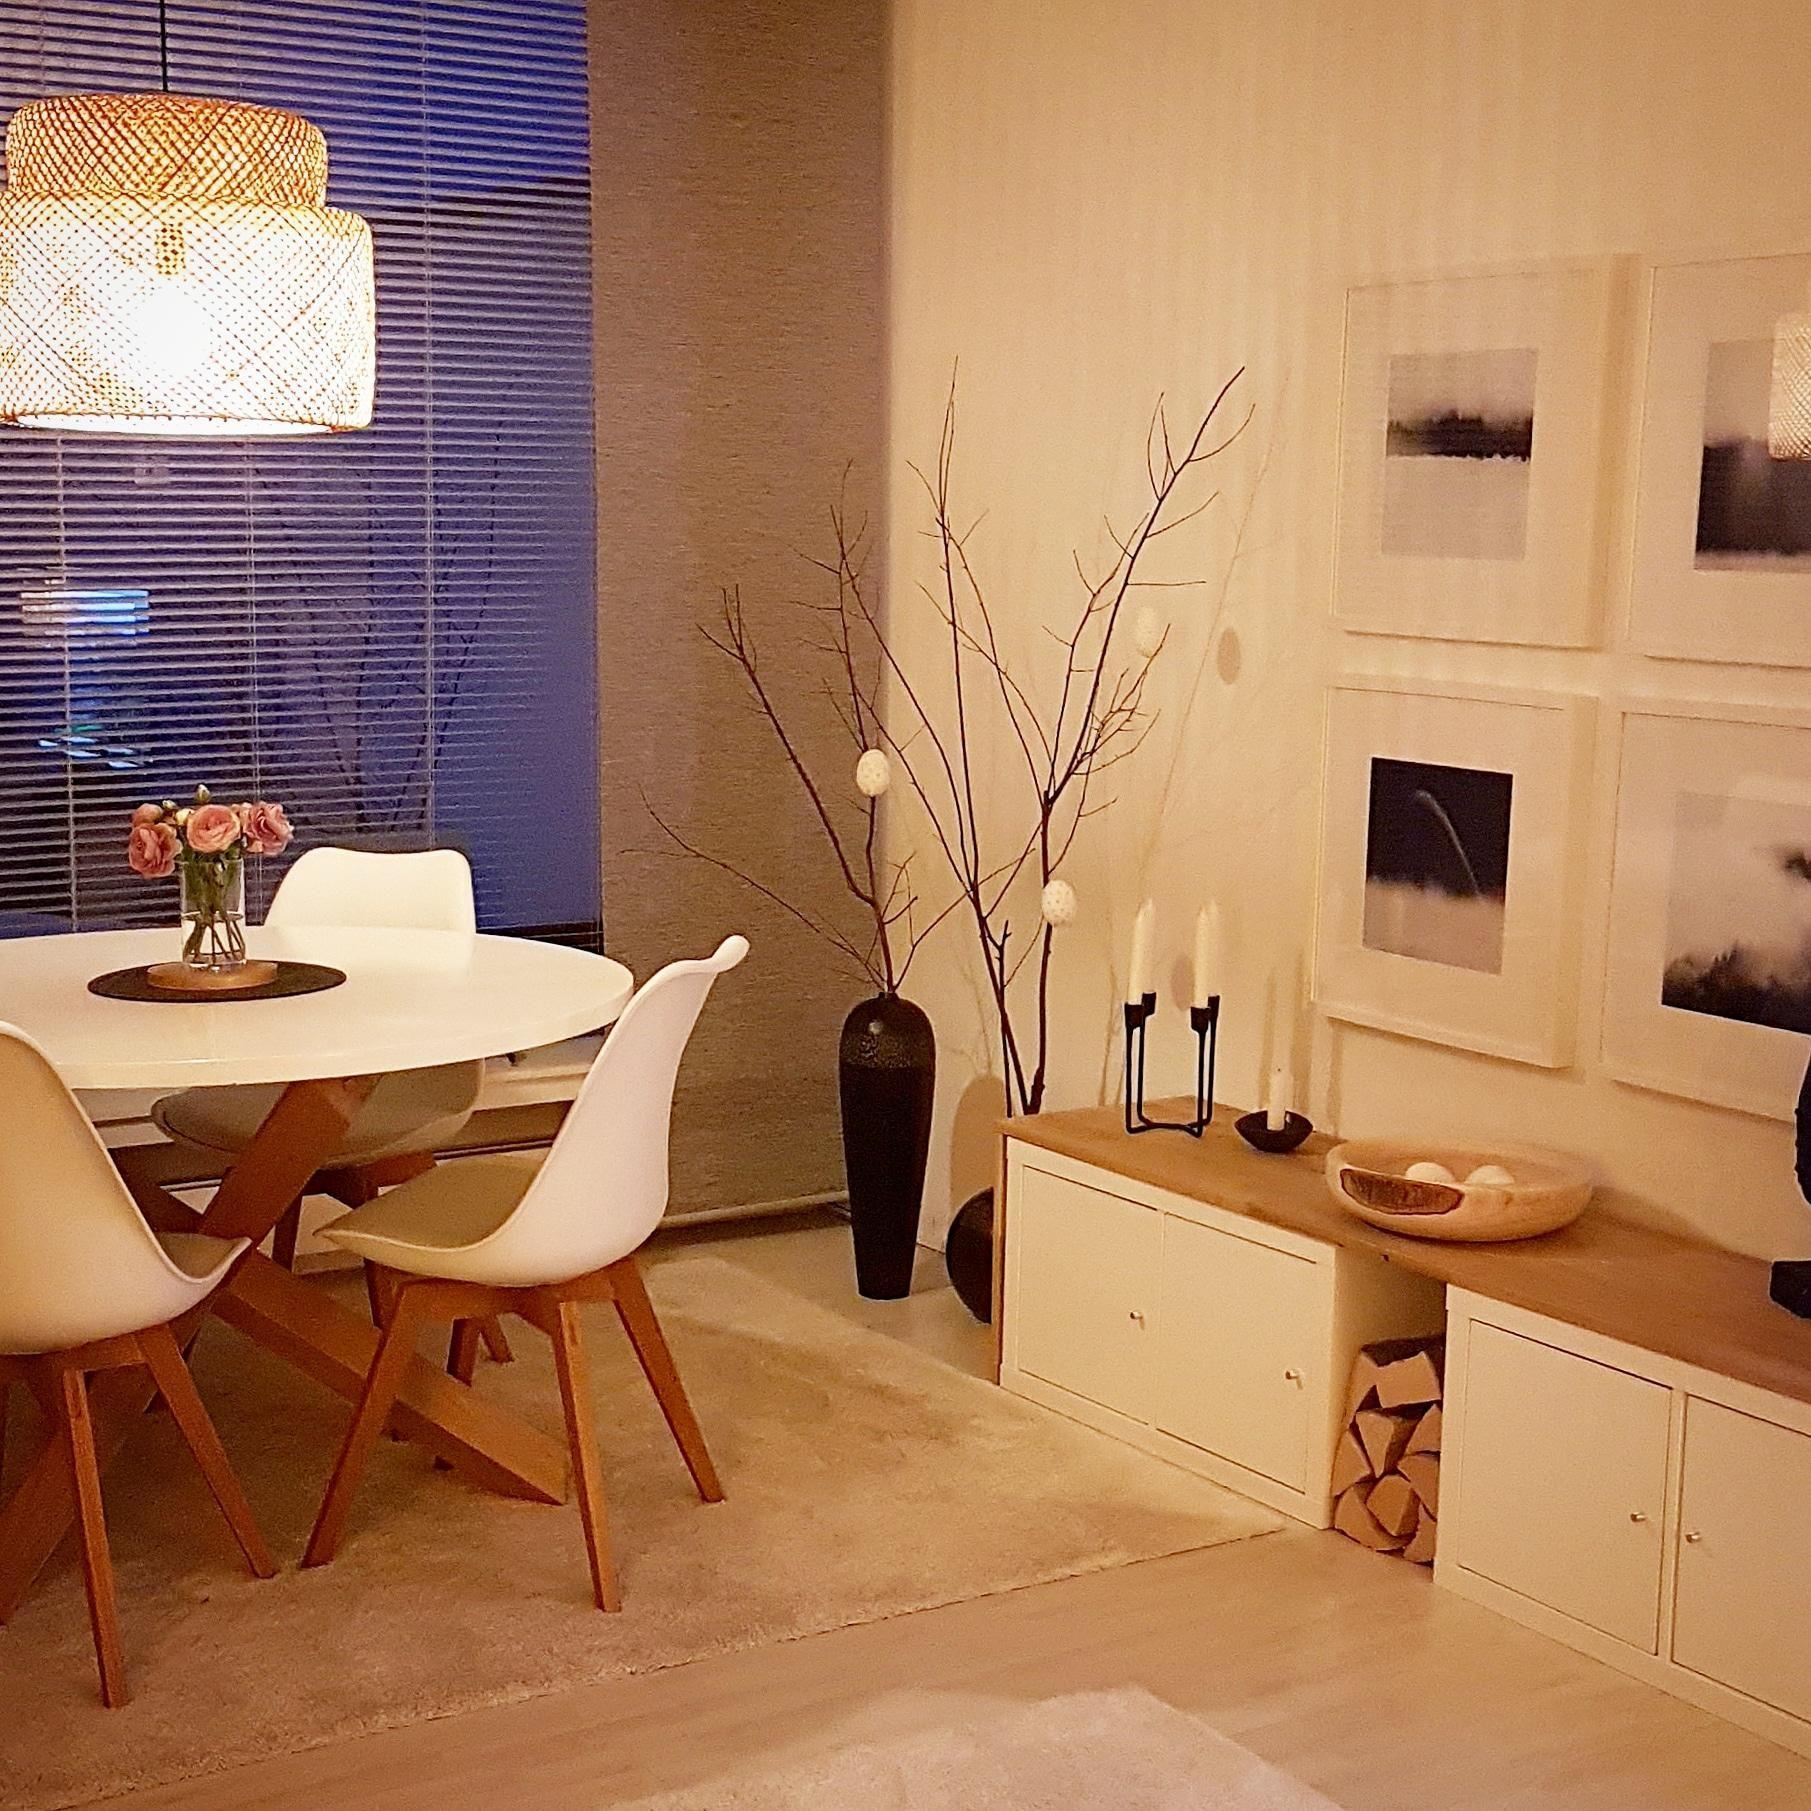 Full Size of Scandystyle Ikea Lampe Esszimmer Wohnzimmer Wo Deko Led Lampen Teppiche Deckenlampen Für Stehleuchte Deckenleuchten Deckenleuchte Wandtattoo Landhausstil Wohnzimmer Lampen Wohnzimmer